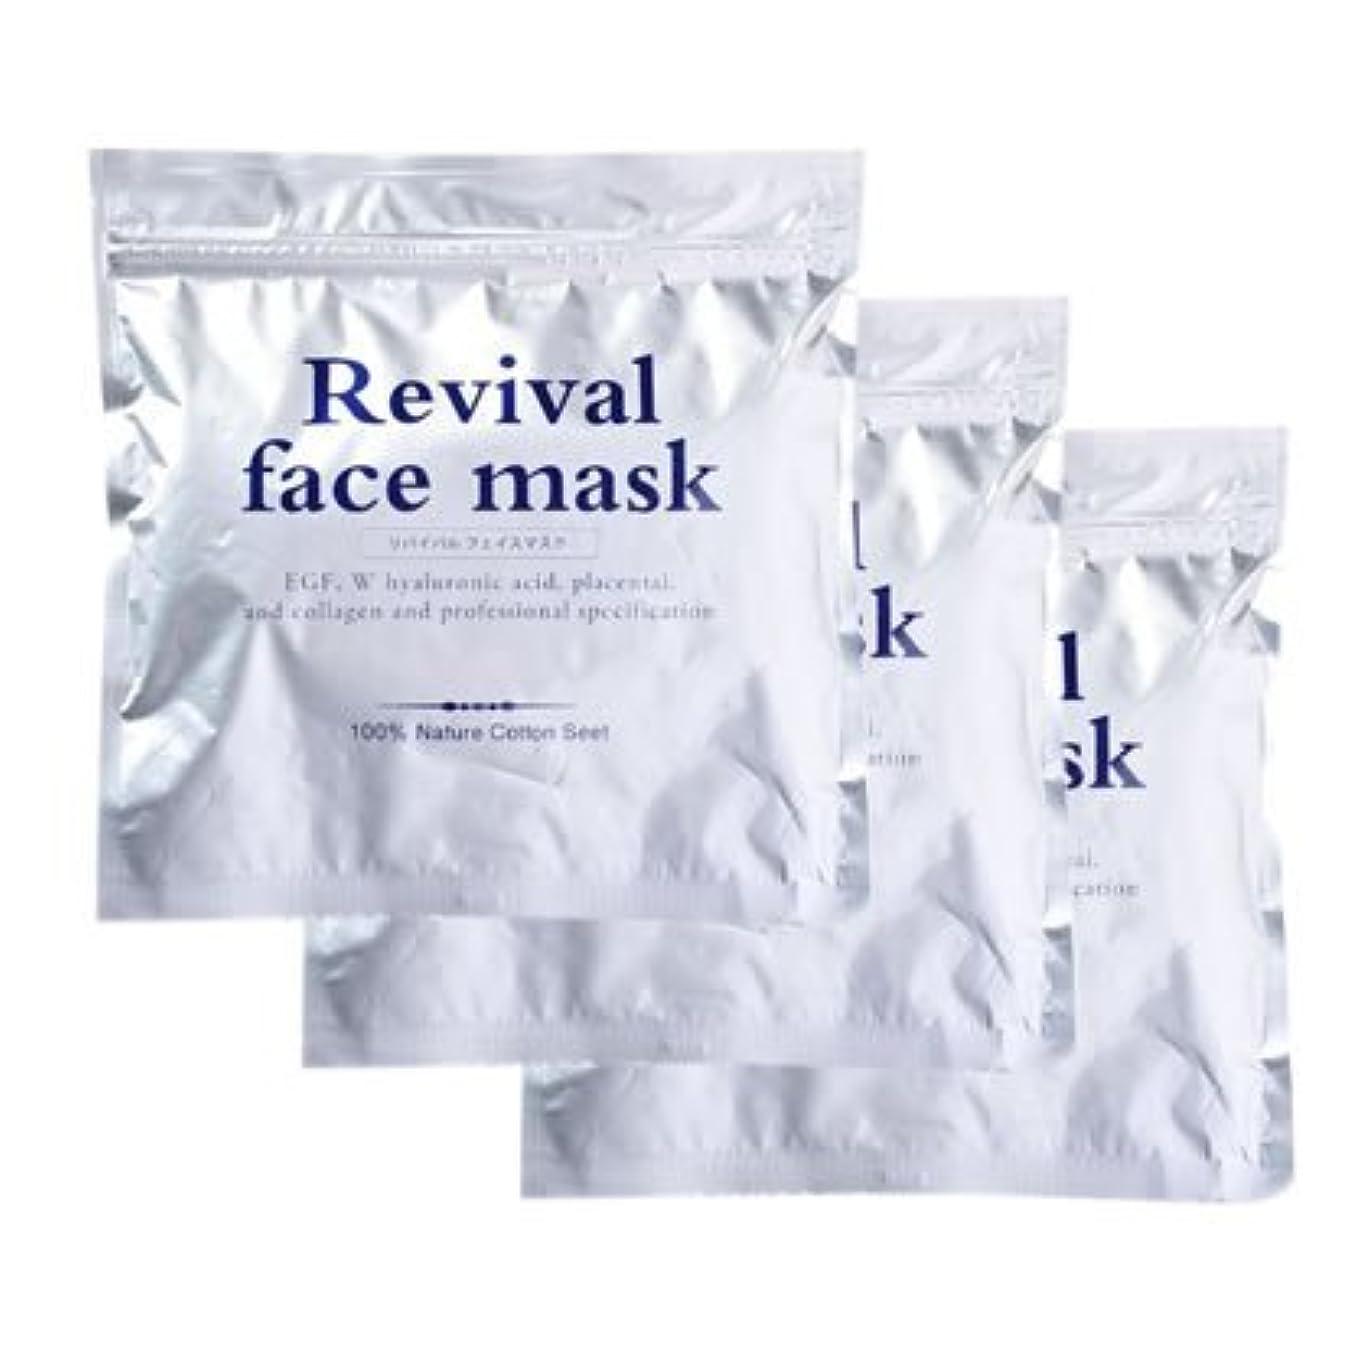 リバイバルフェイスマスク 90枚セット(30枚×3袋)